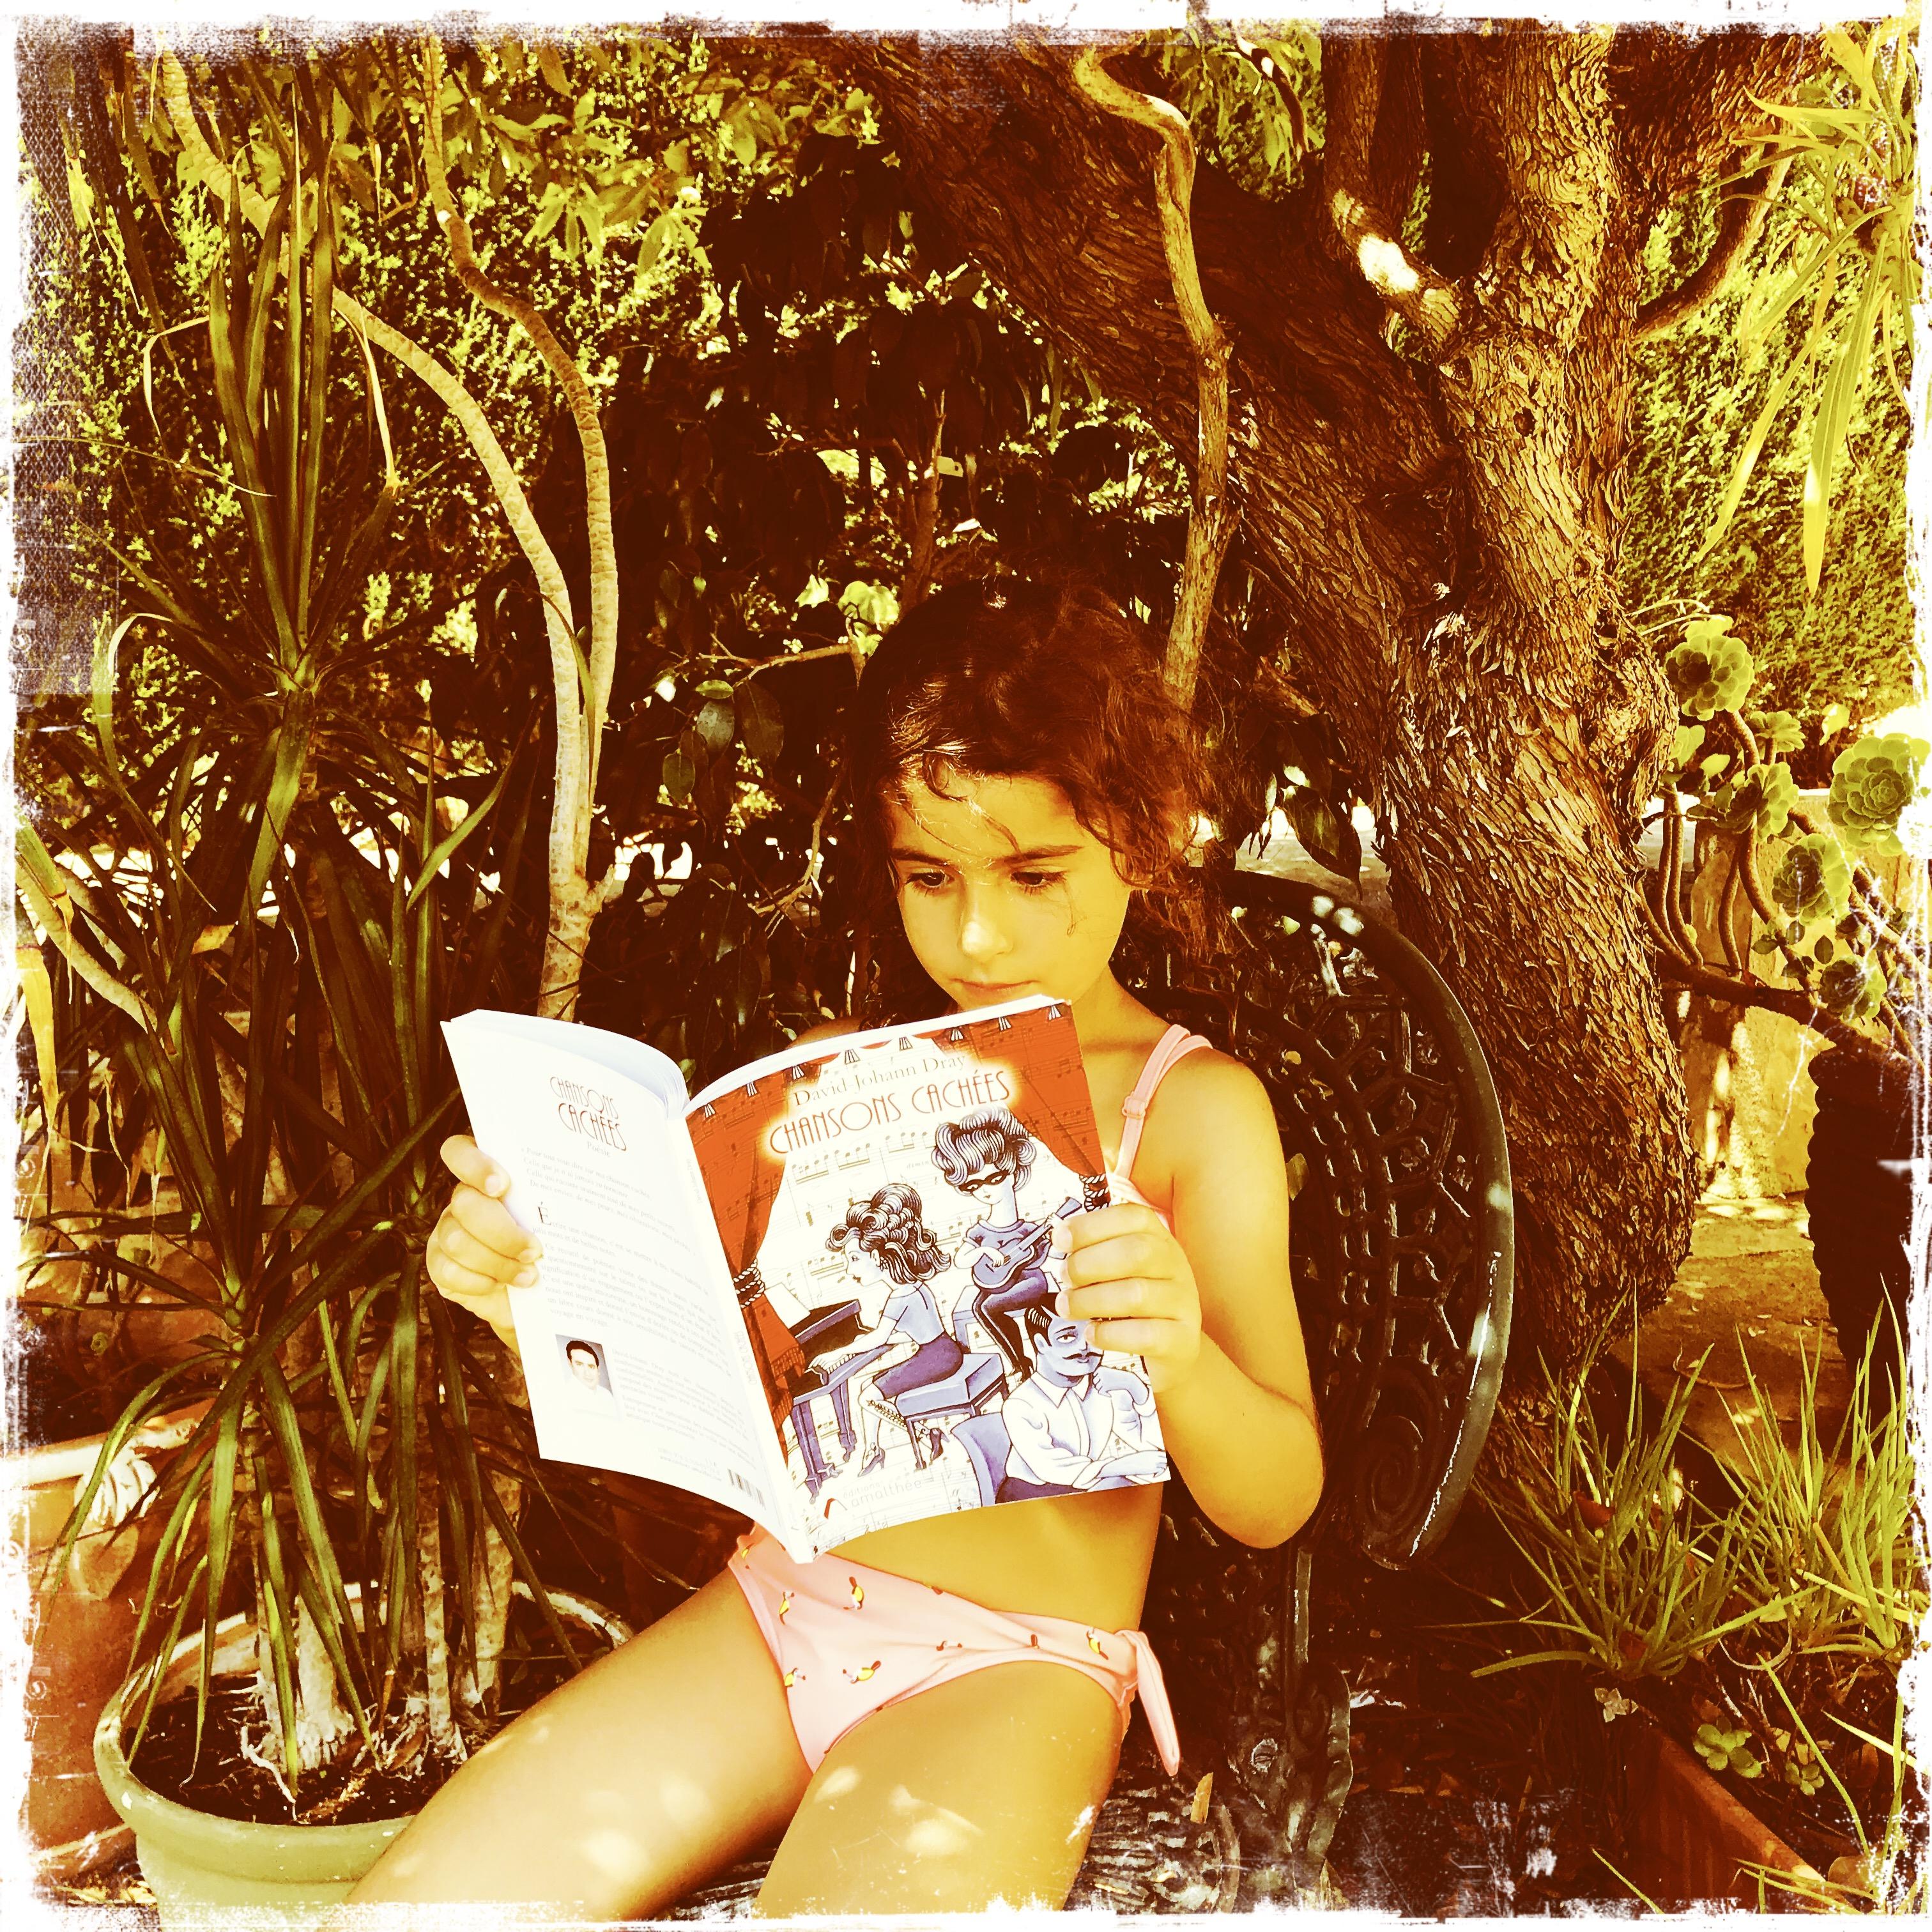 En Espagne une petite fille découvre les illustrations de